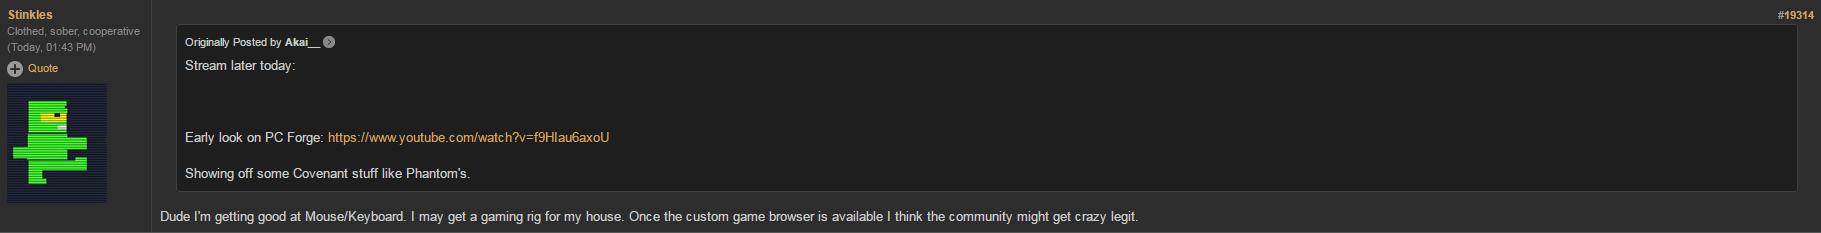 Un navigateur de parties personnalisées pour Halo 5 Bba7b5c9cae69d47ae5b30f67a3fb327